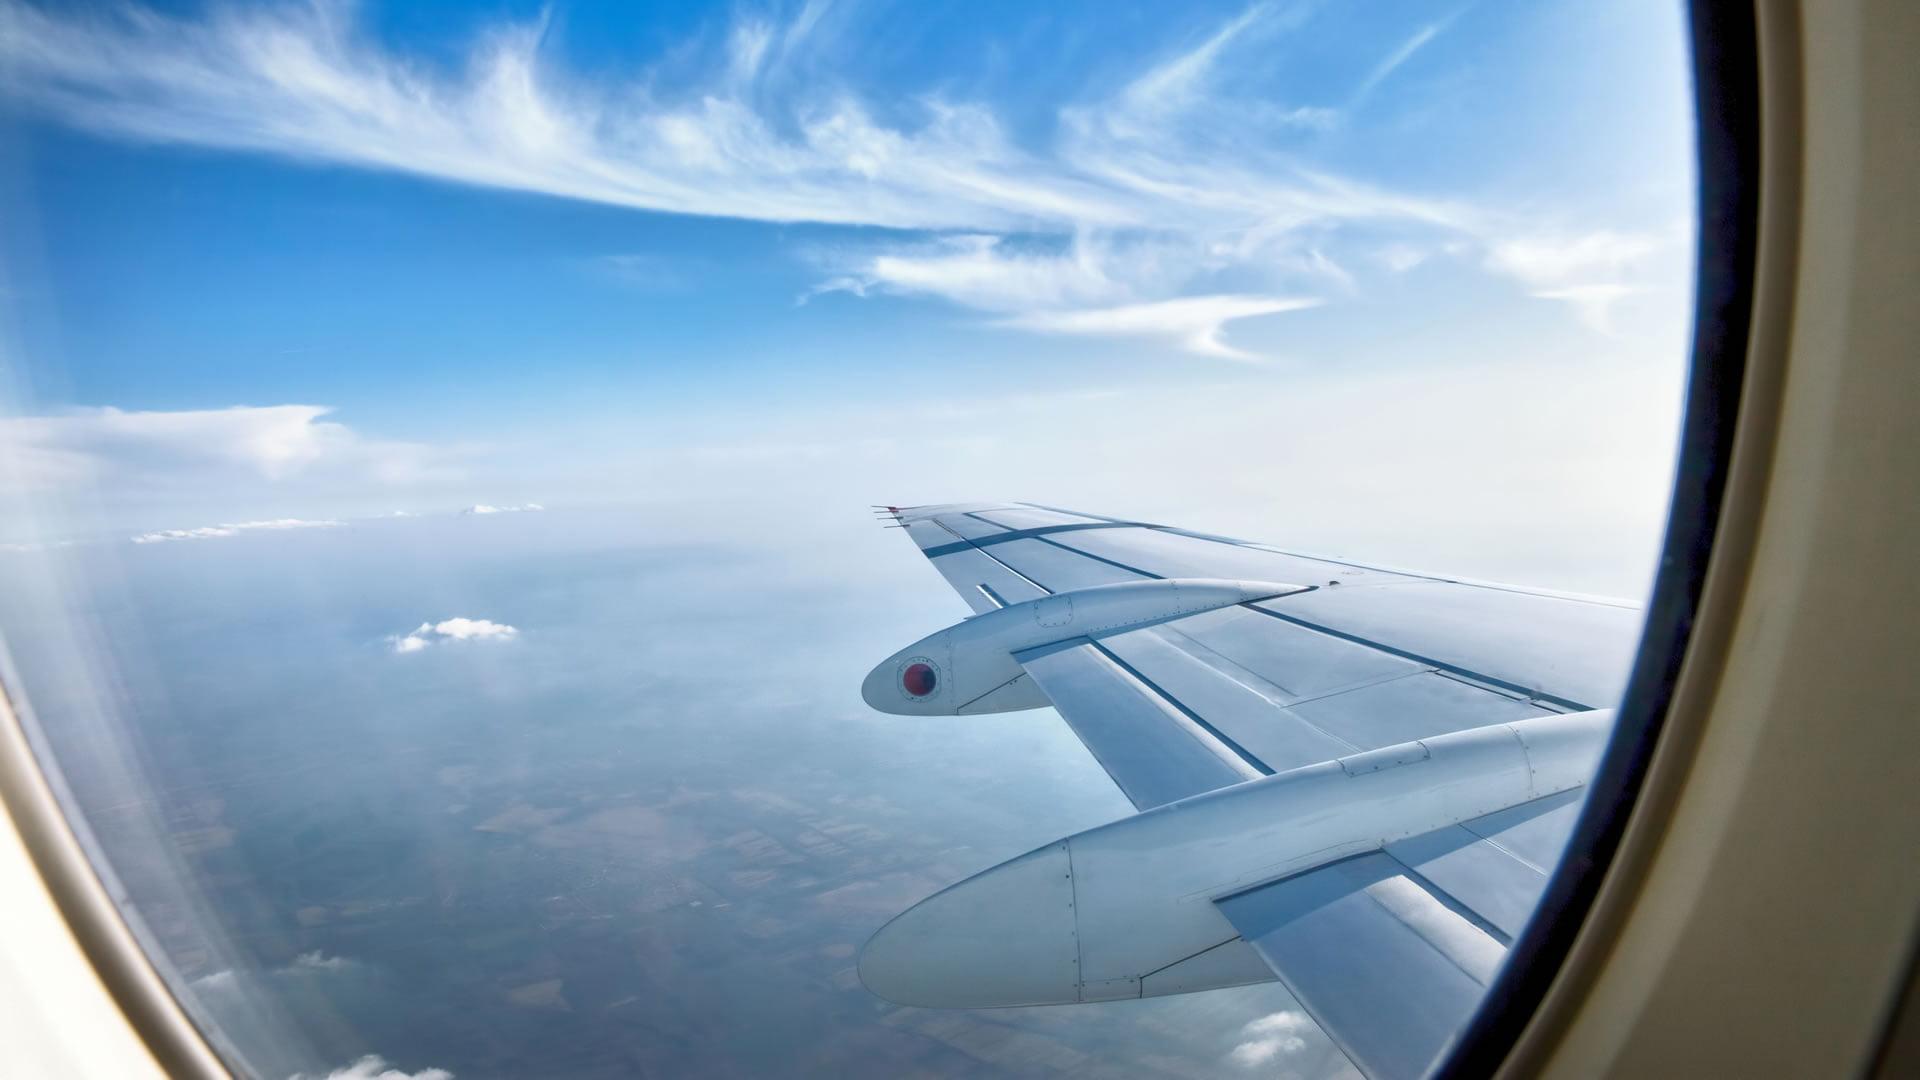 ¿Por qué no se hacen aviones con ventanas cuadradas?